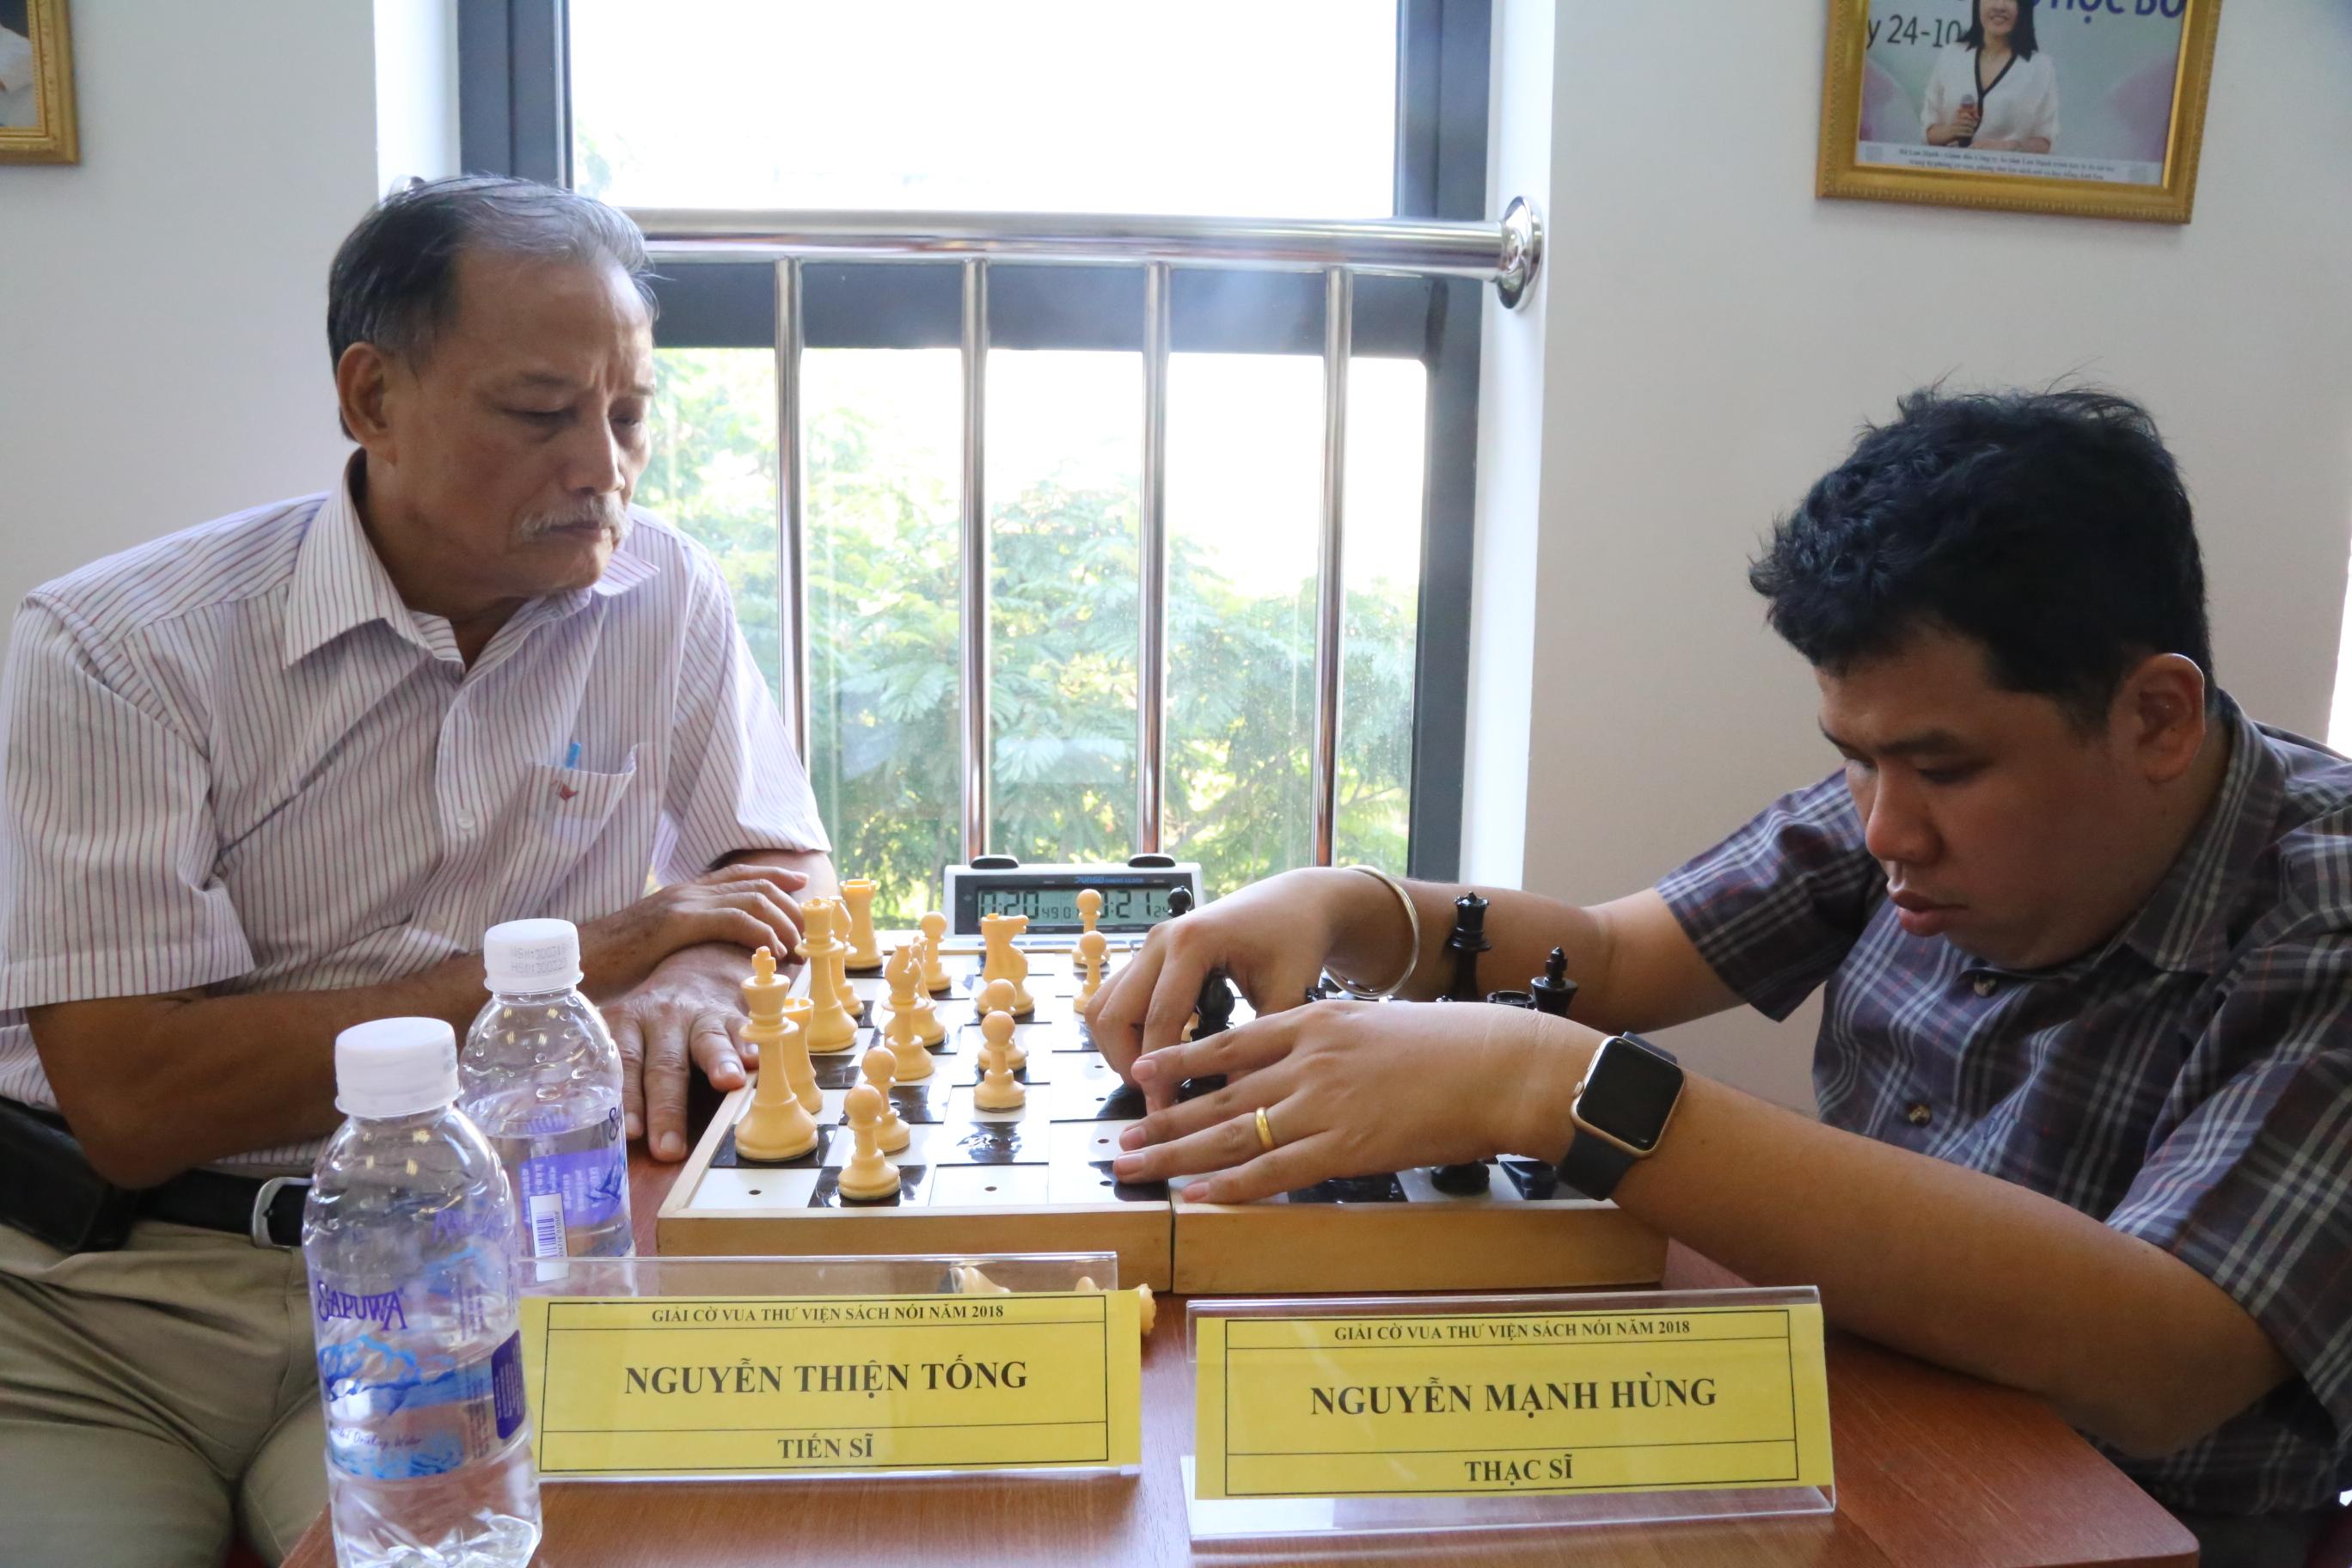 Anh Nguyễn Mạnh Hùng (phải) đấu cờ với PGS.TS Nguyễn Thiện Tống. Ảnh: H.Đ.